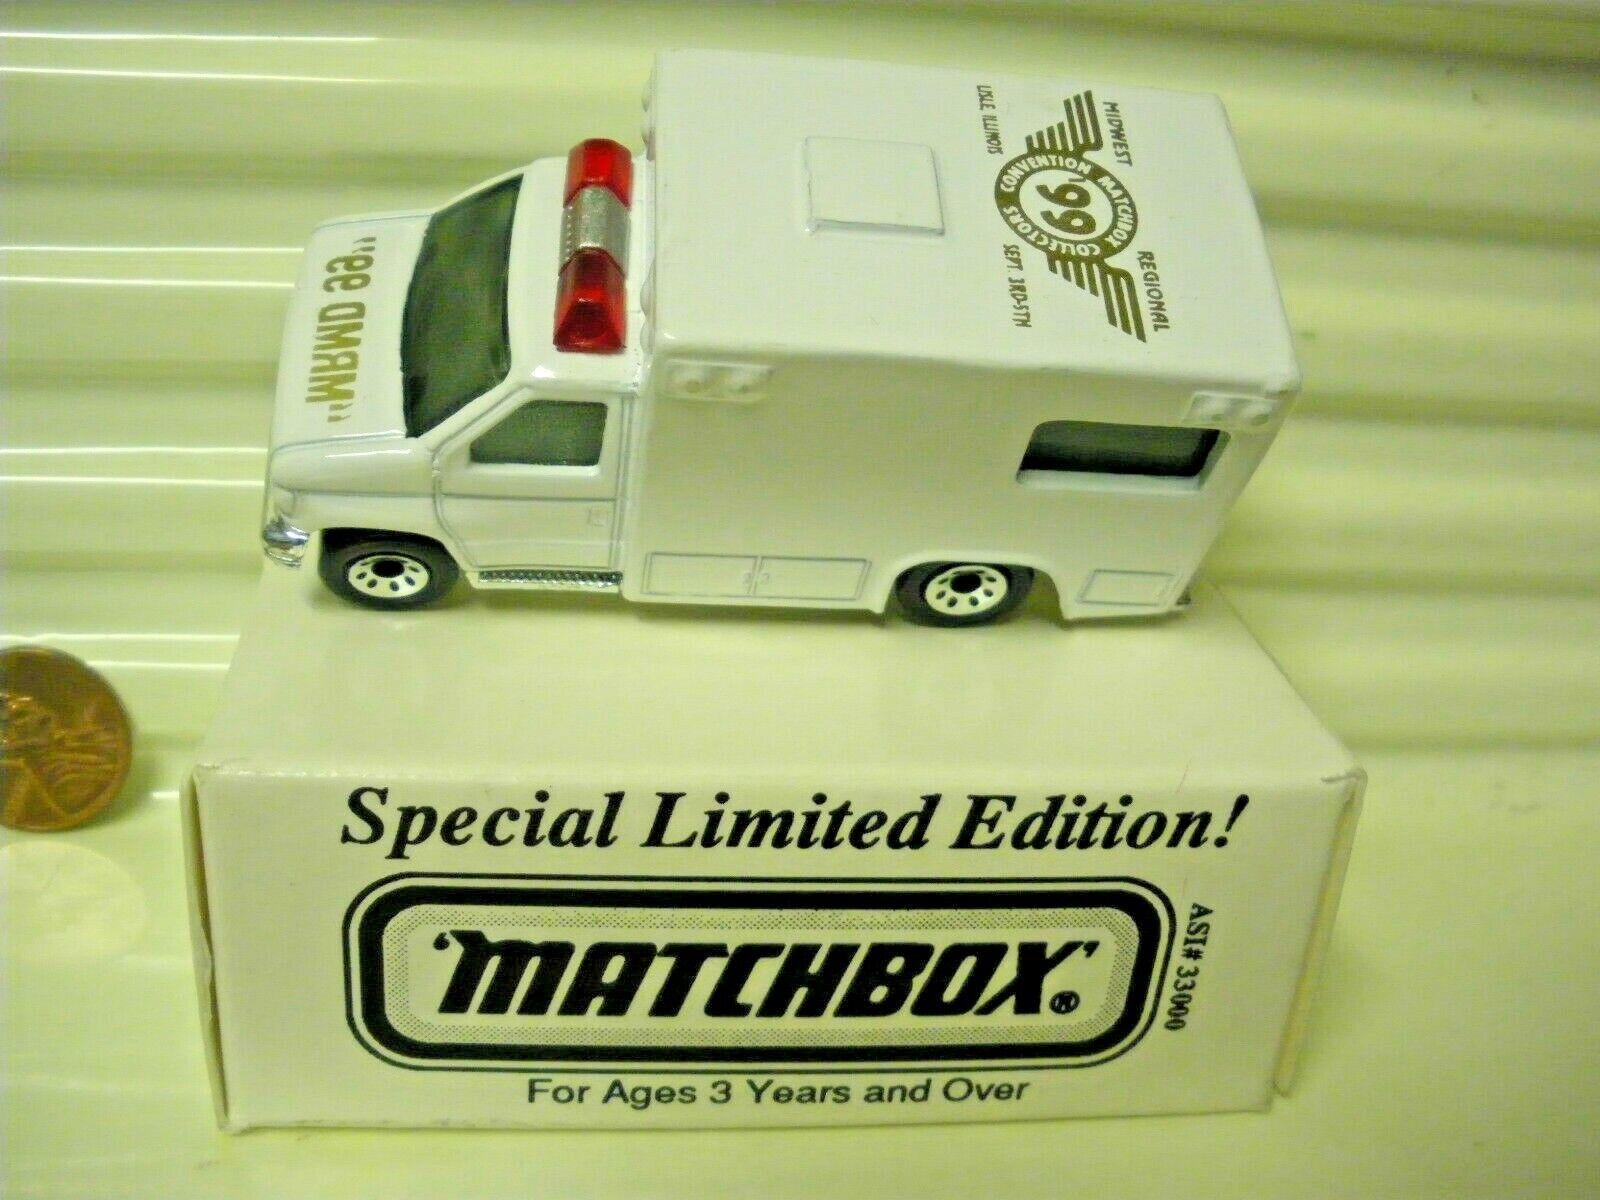 solo cómpralo Matchbox Raro'99 Raro'99 Raro'99 Lim edn Midwest convenio regional Impresión de oro MB51 ambulancia  buen precio